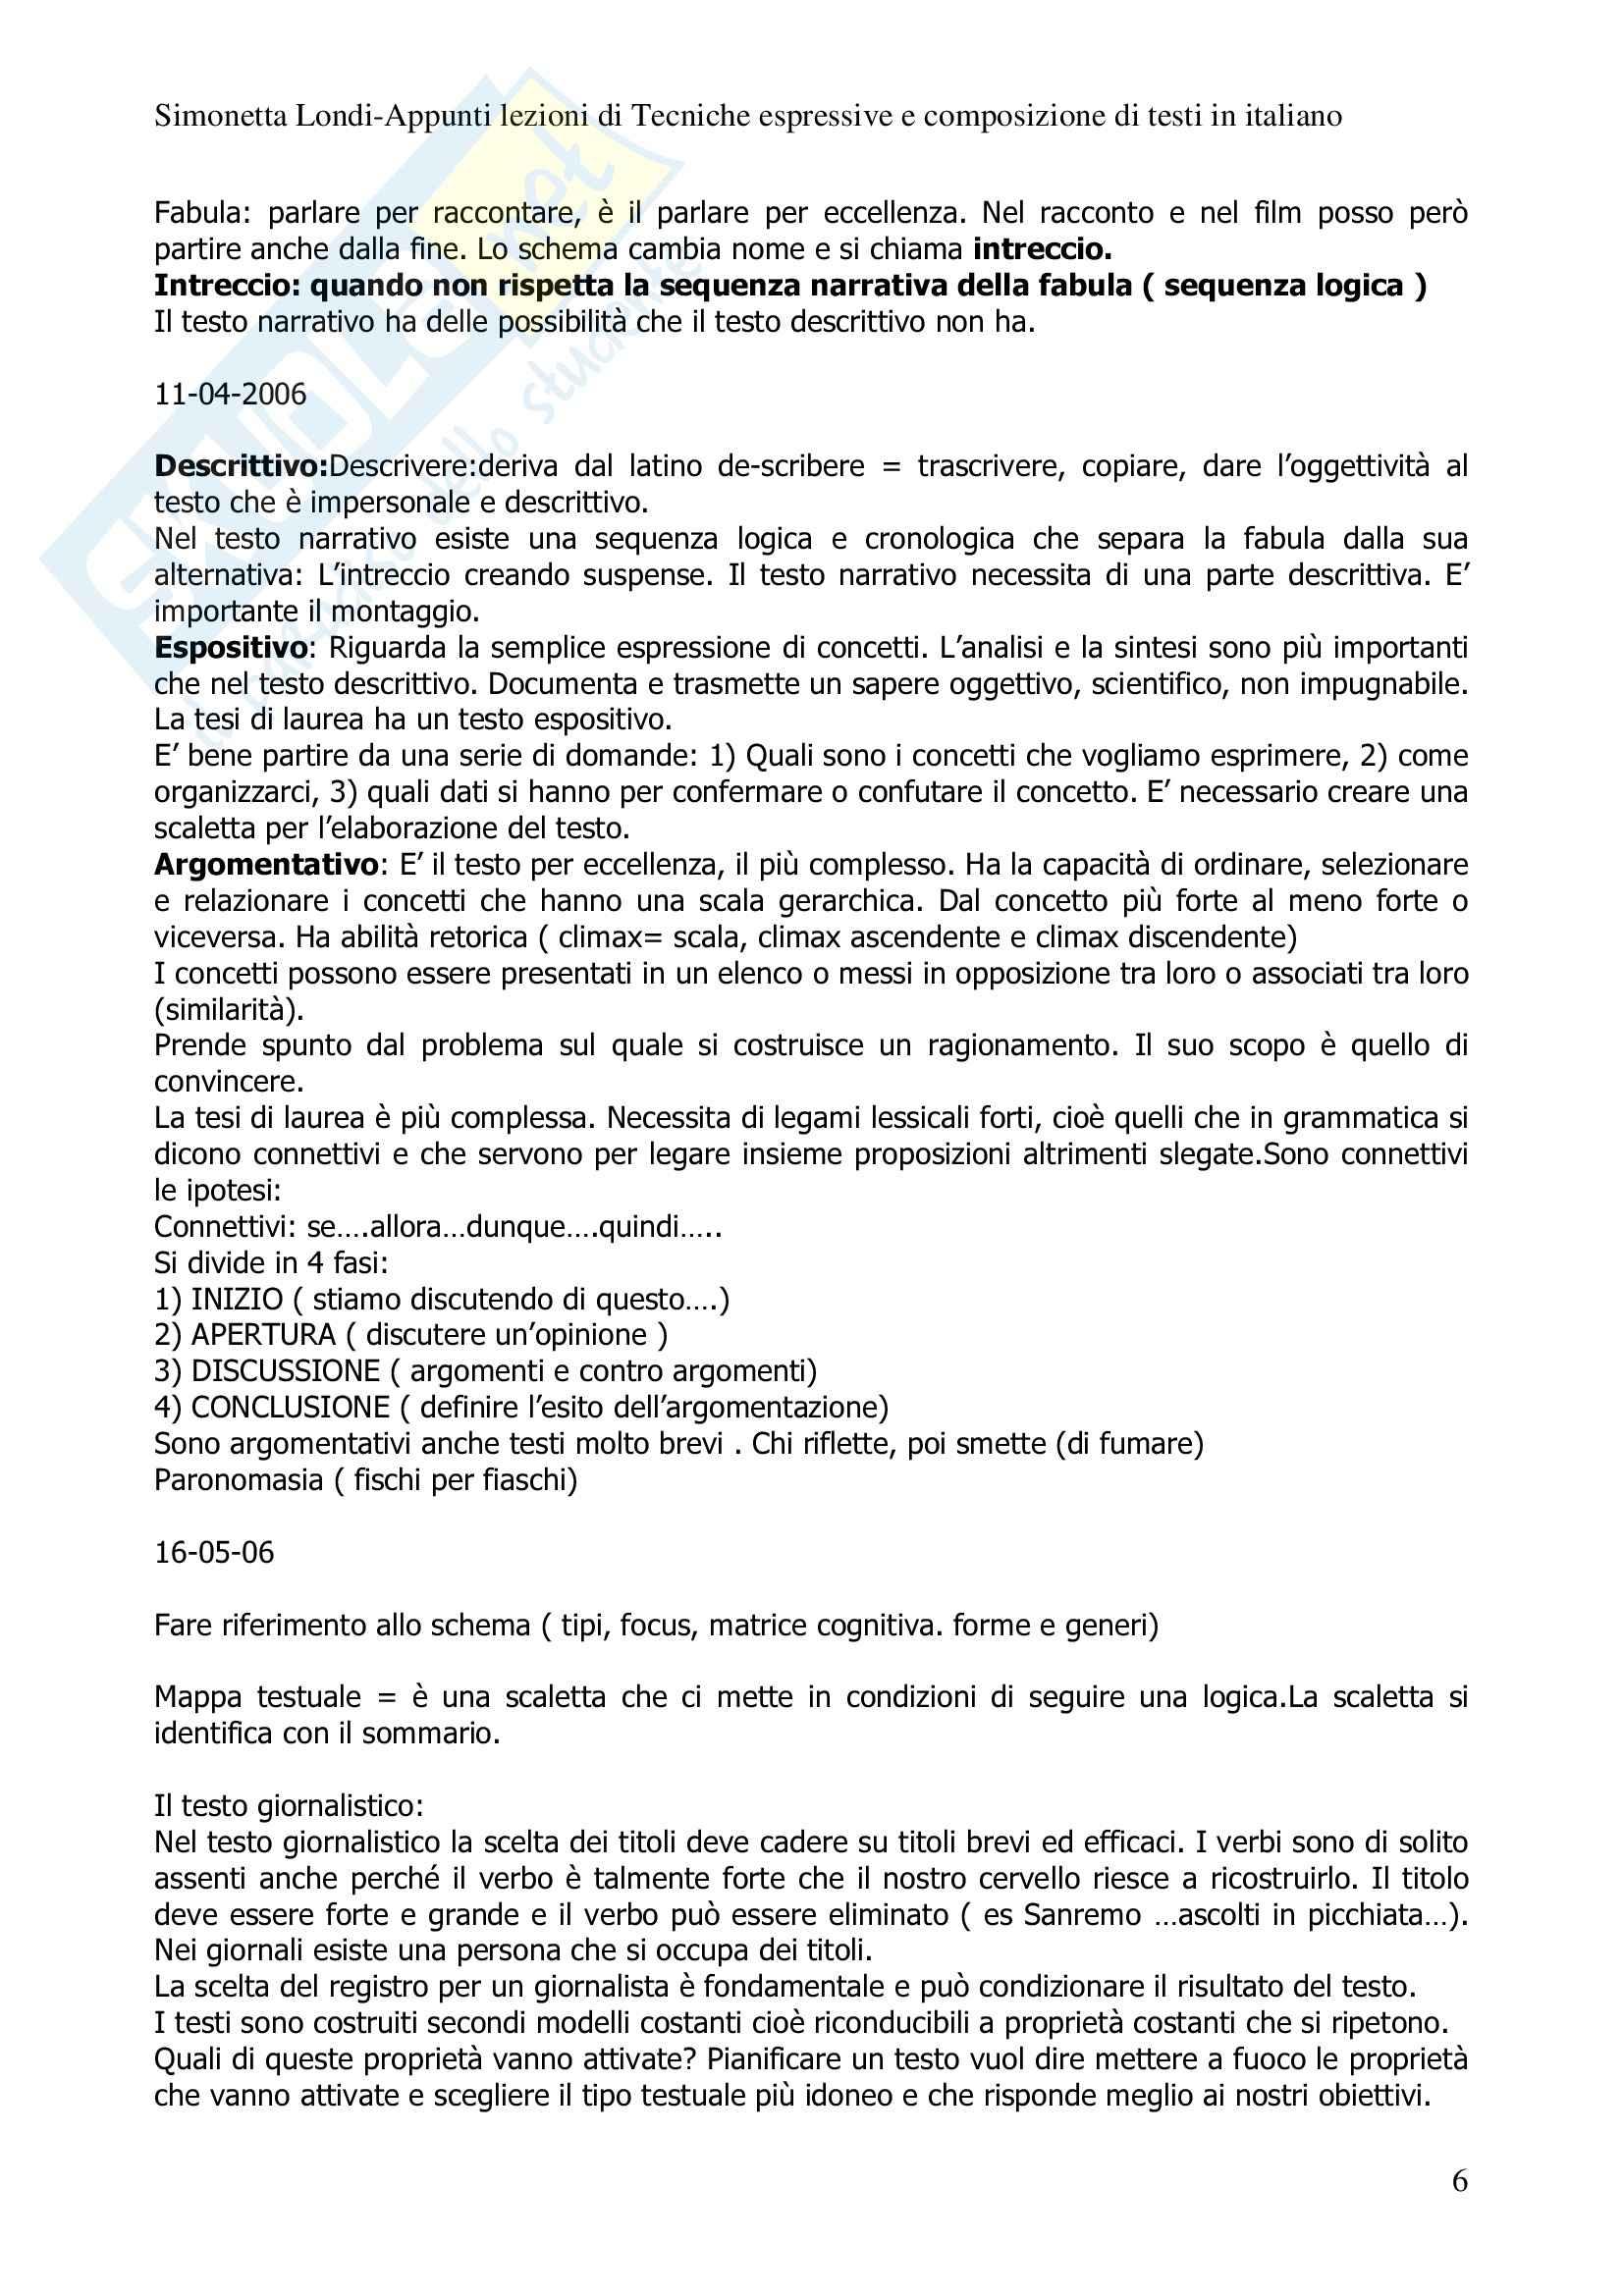 Tecniche espressive - sunto, prof. Bonvecchio Pag. 6